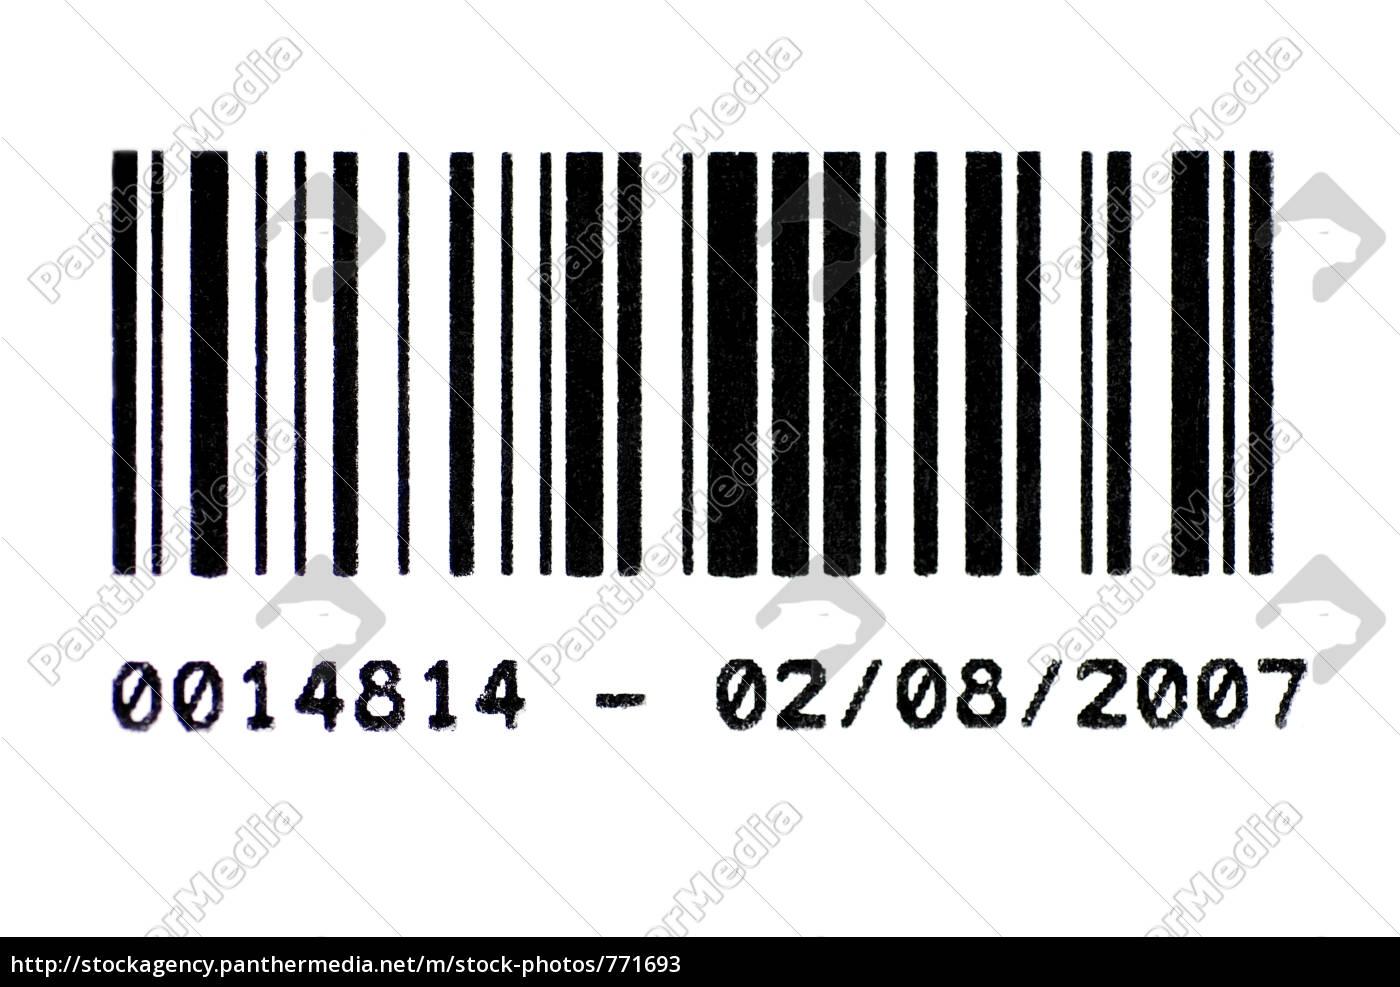 barcode, 01 - 771693